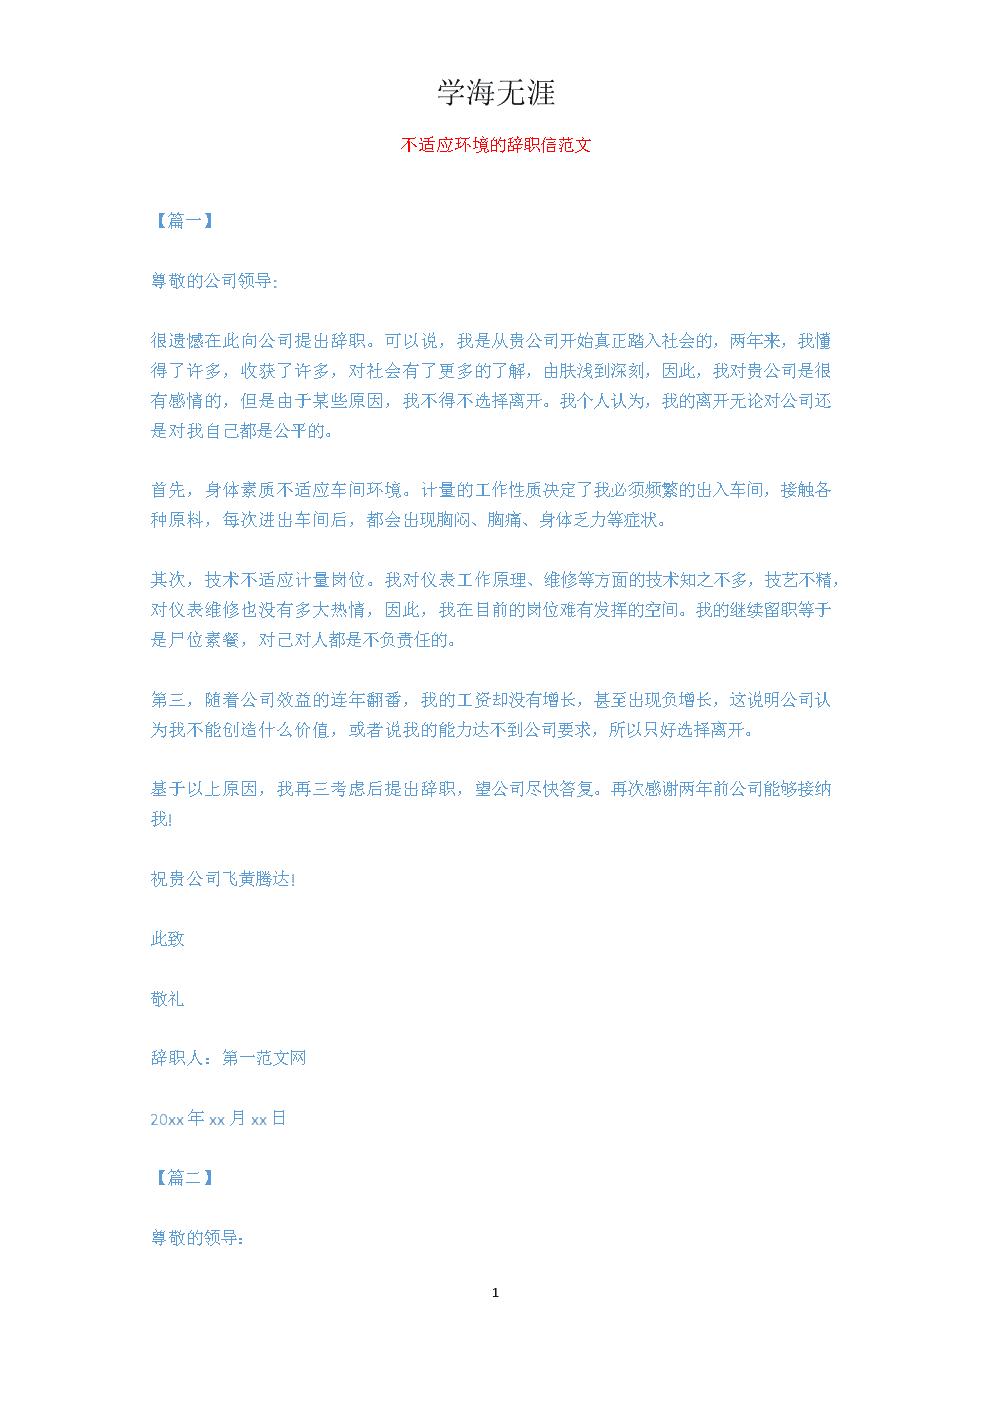 不适应环境的辞职信范文[共2页].docx